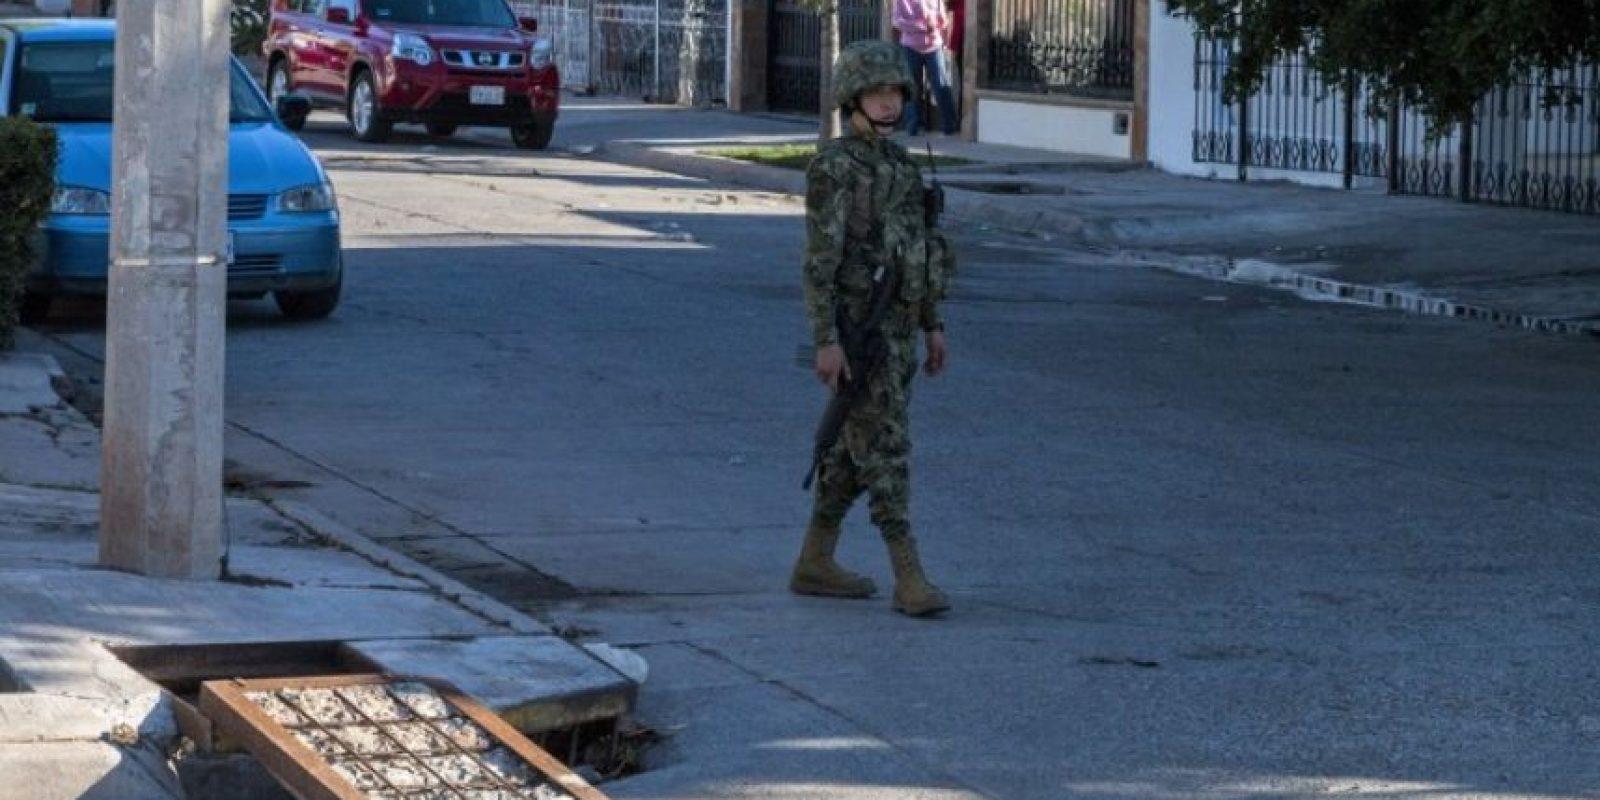 El líder del Cartel de Sinaloa fue encerrado en el penal del Altiplano, del cual escapó en 2015. Foto:AFP